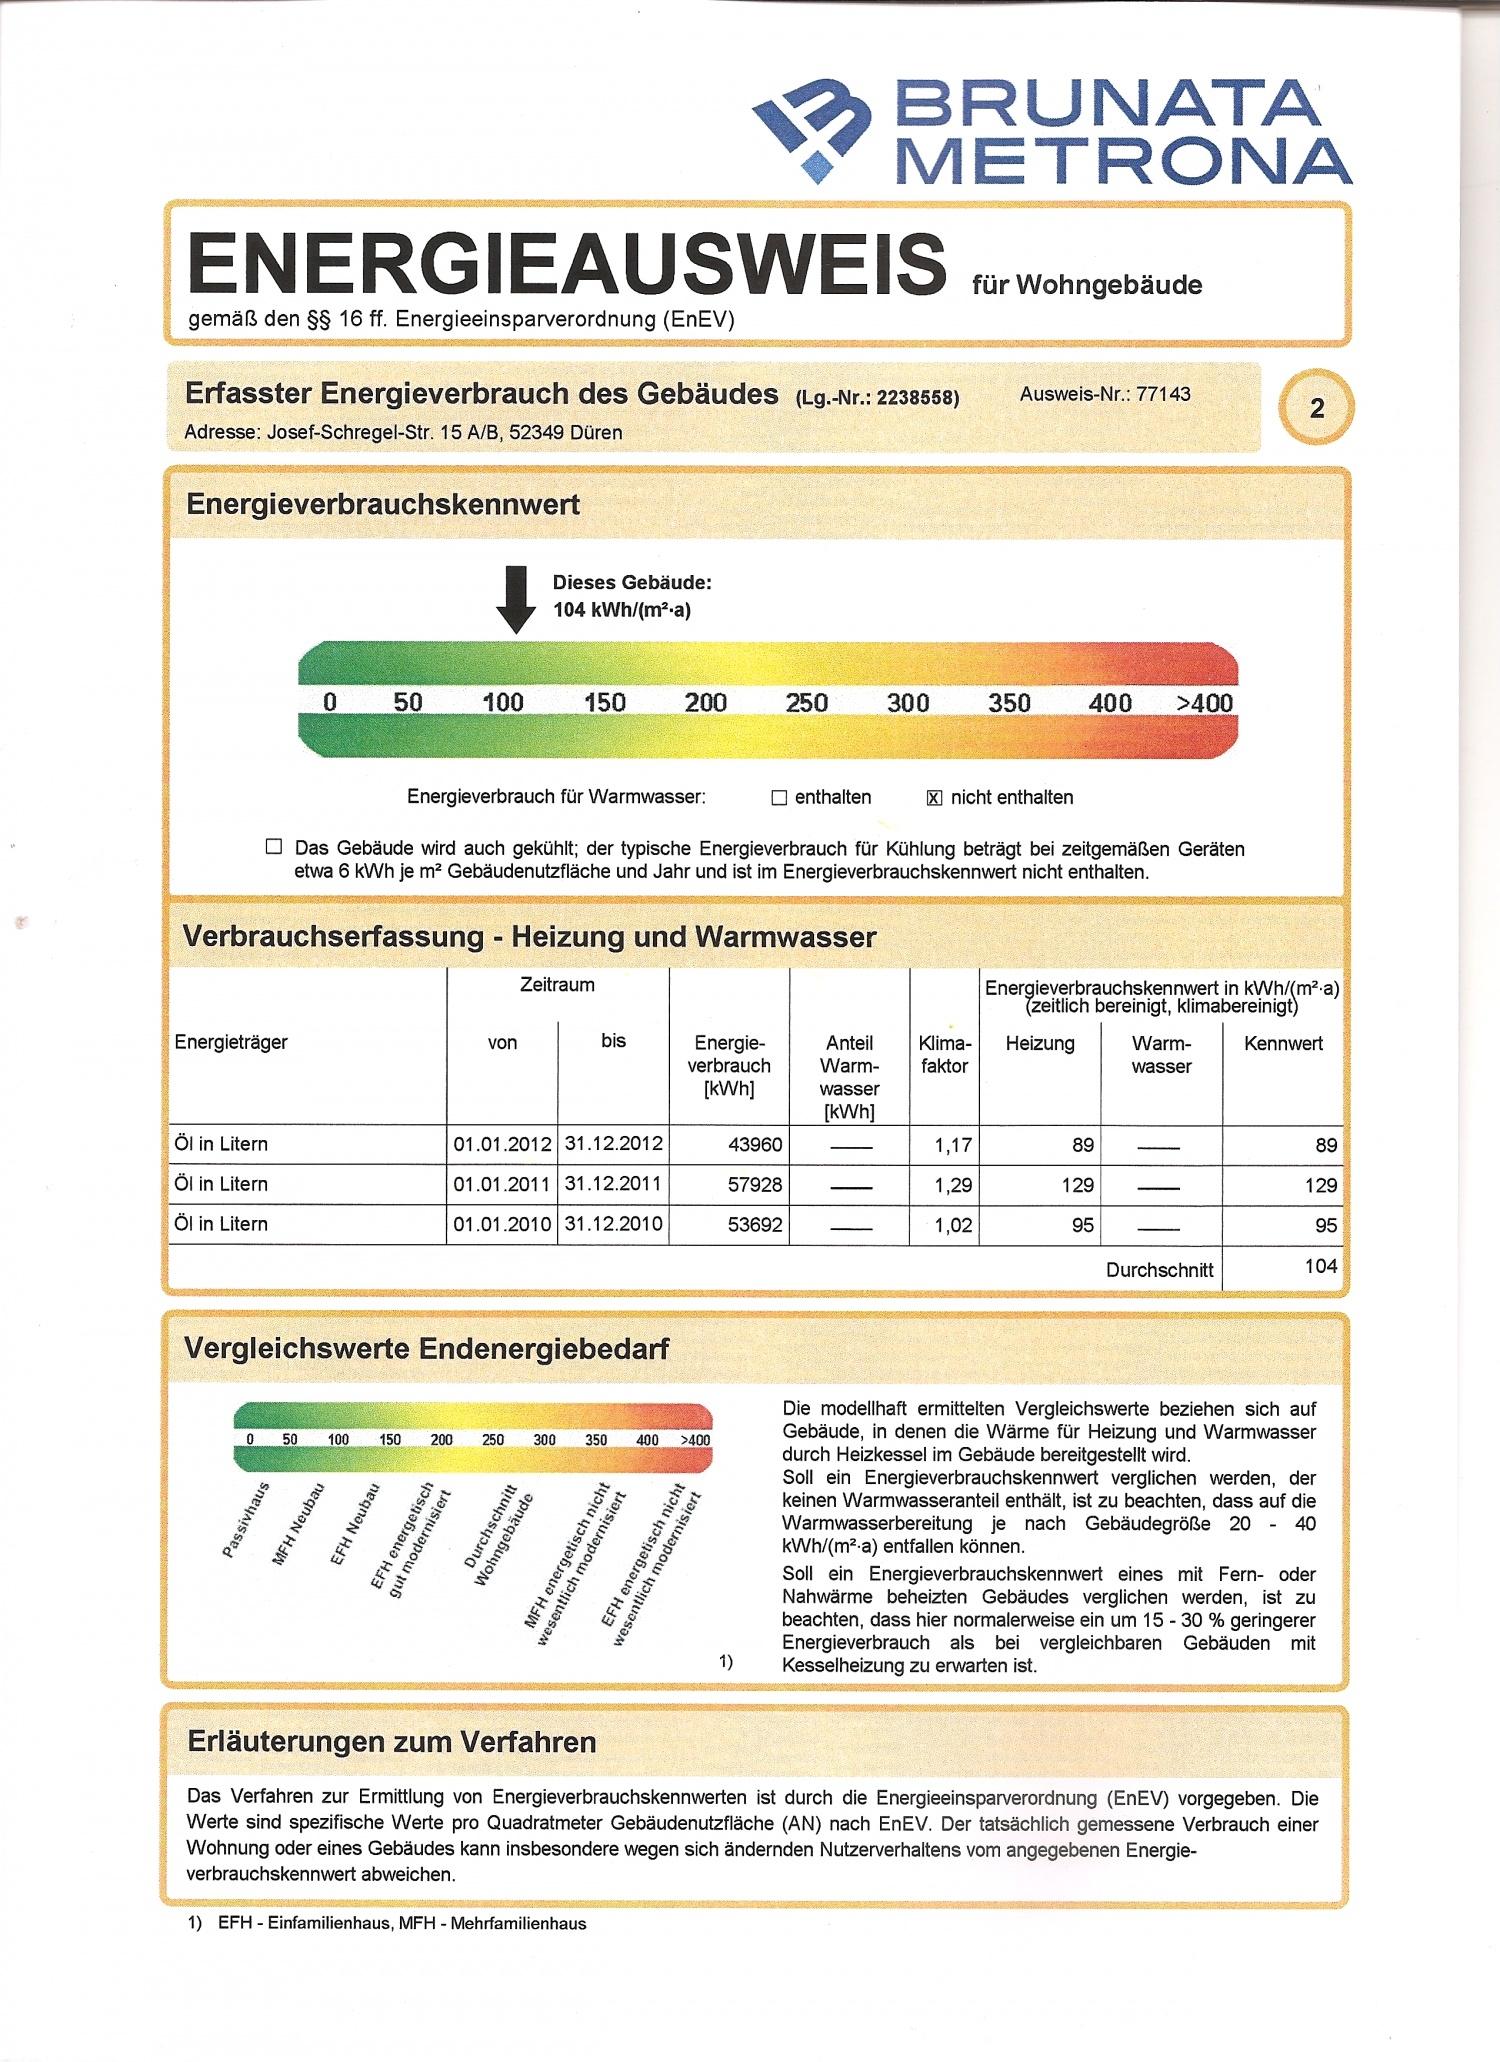 Energieausweis Josef-Schregel-Str. 15